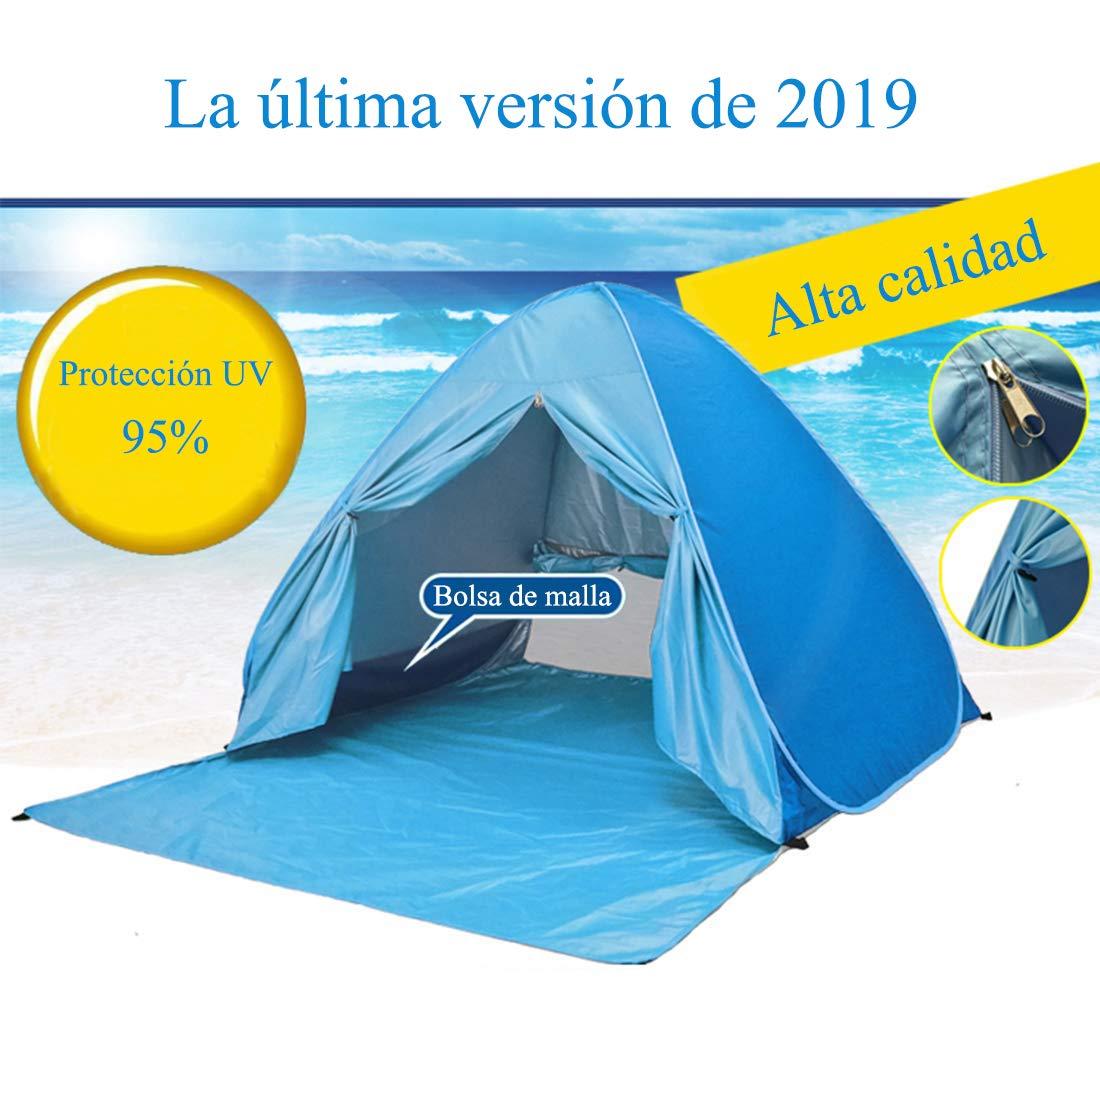 YINGJEE Tienda de Playa Pop Up Tienda Campa/ña Playa Plegable y Port/átil con Protecci/ón Sol Anti UV SPF 50+ Pop-up Beach Tent para Vacaci/ón Parque para 2-4 Personas Familia Beb/é Ni/ños